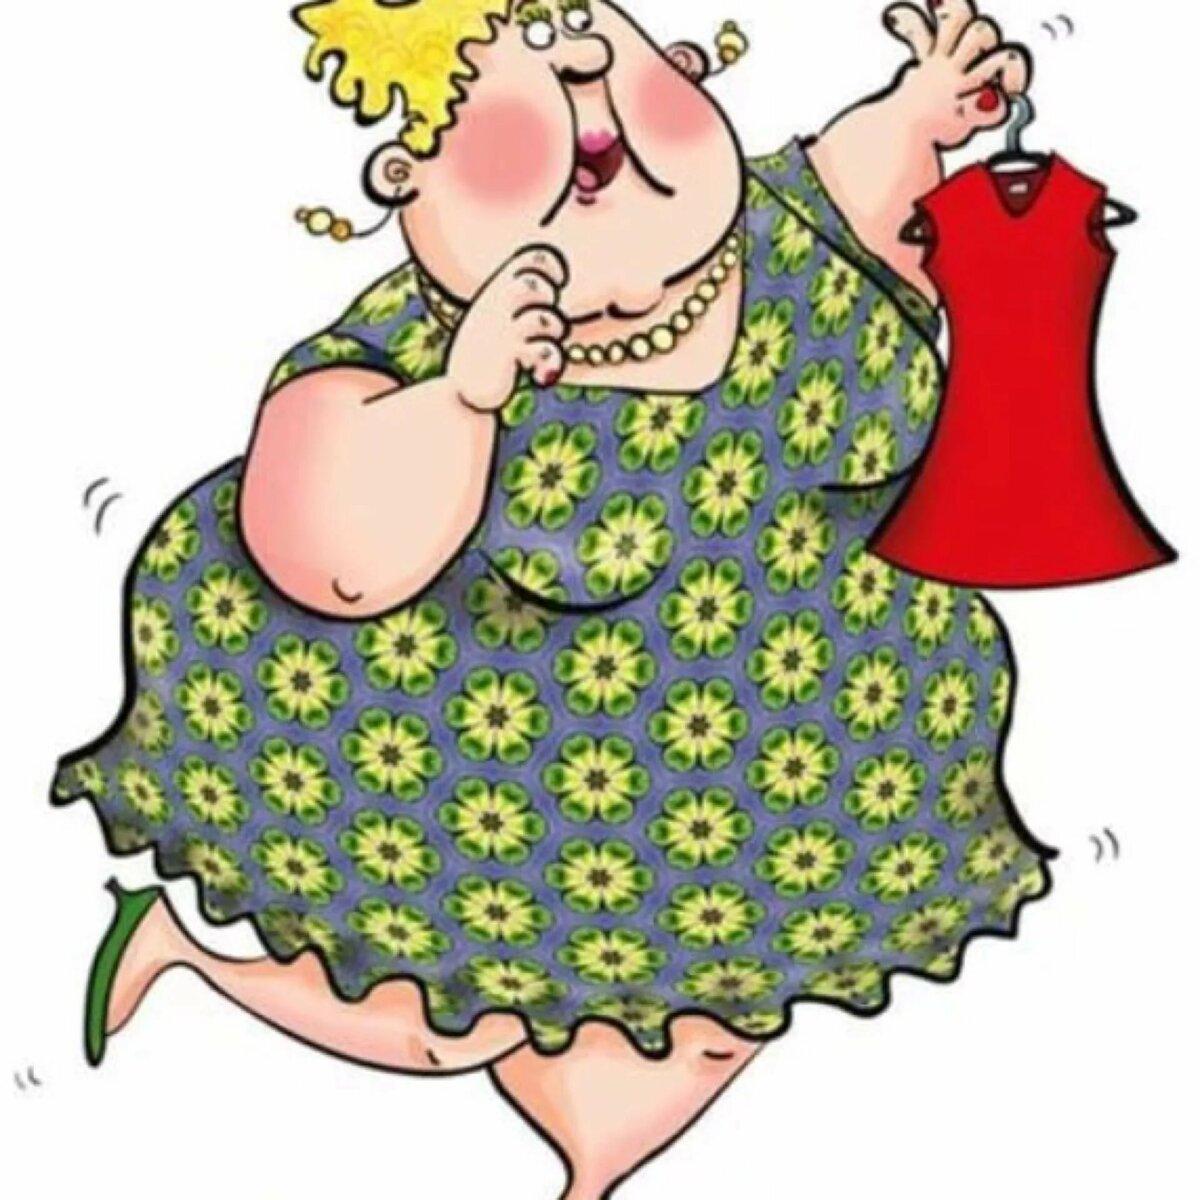 Смешная картинка про толстушку